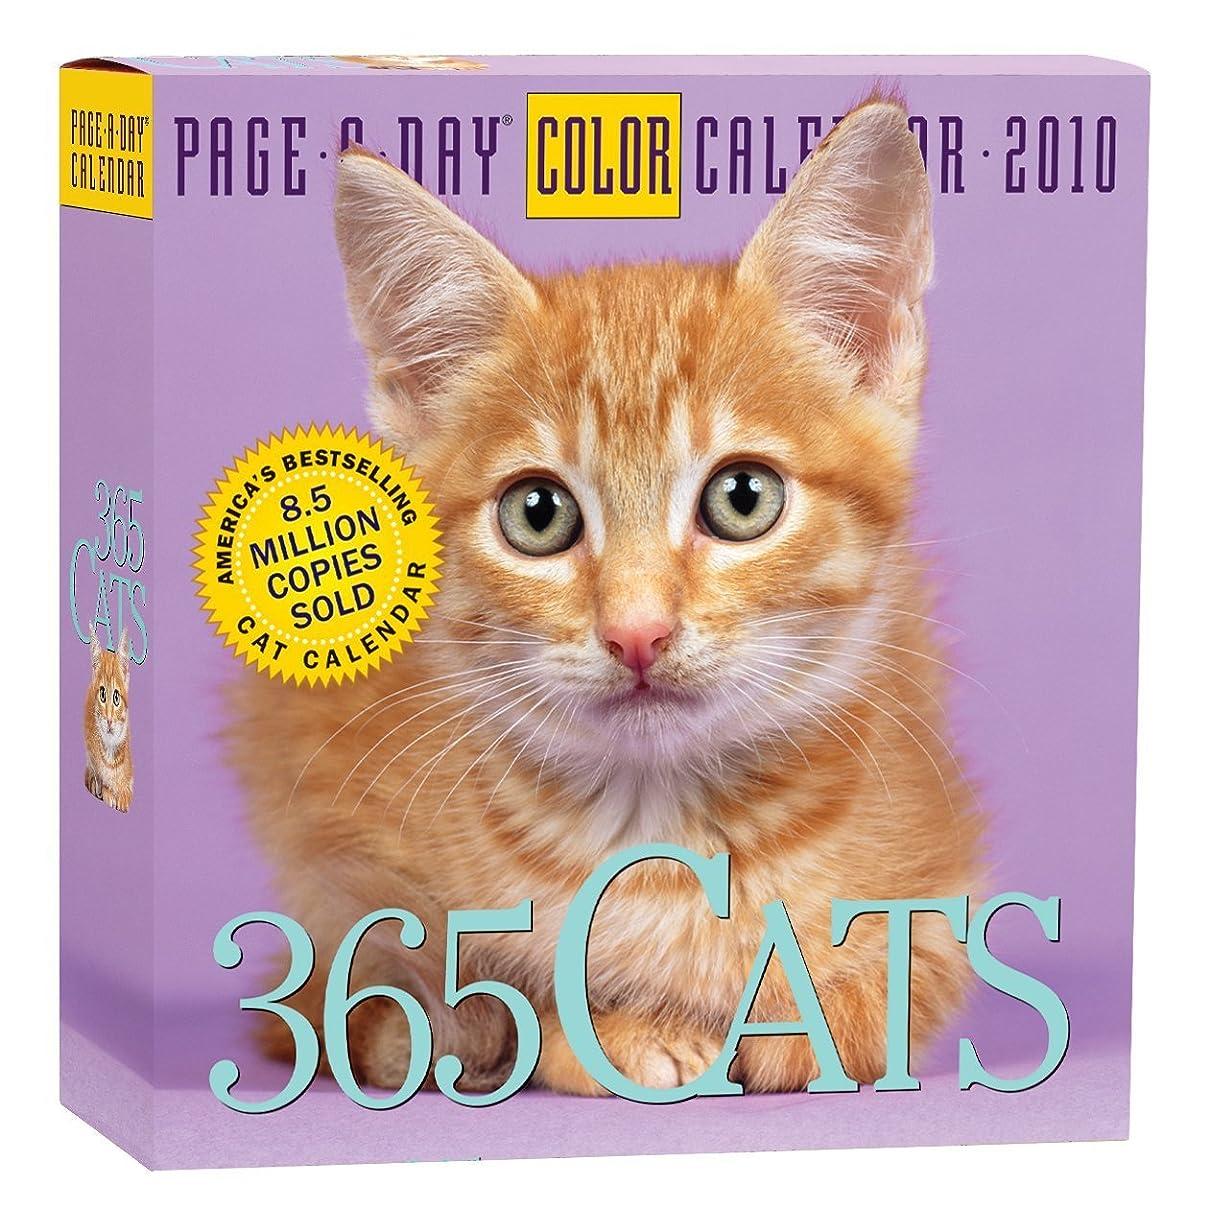 黙認するゴールドなる365 Cats Page-A-Day Calendar 2010 (Color Page-A-Day(r) Calendars)